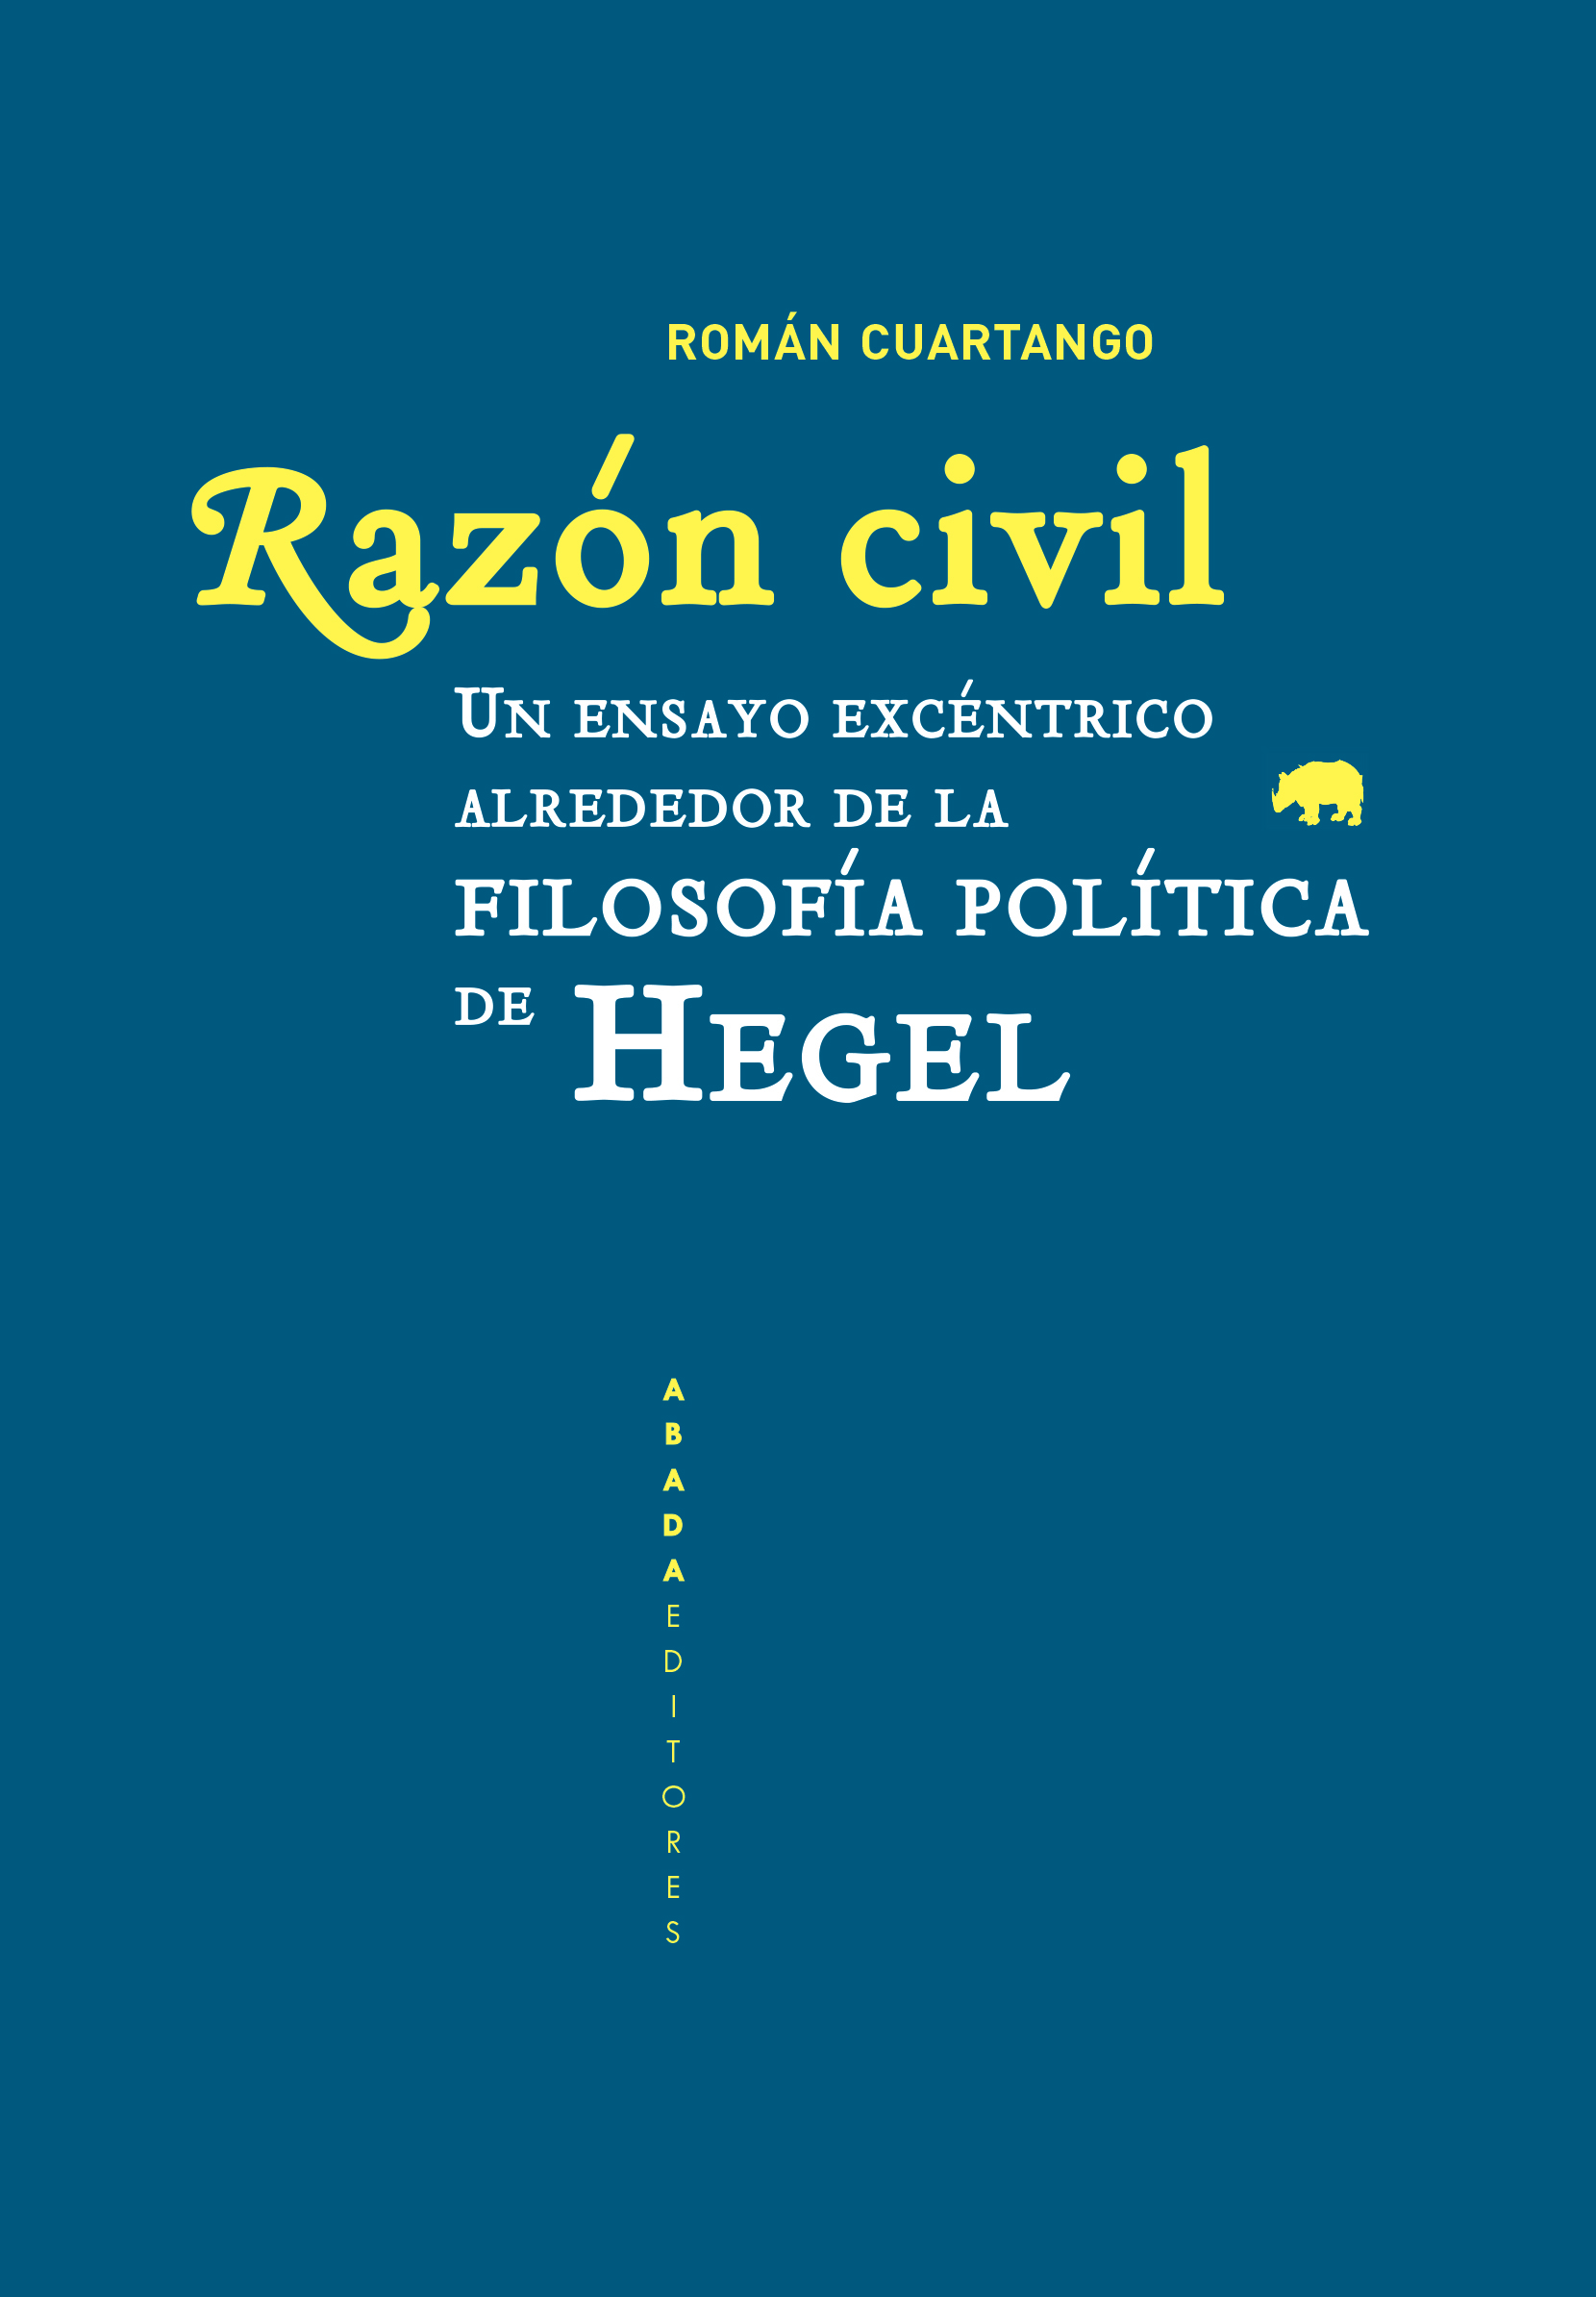 Razón civil   «Un ensayo excéntrico alrededor de la filosofía política de Hegel»